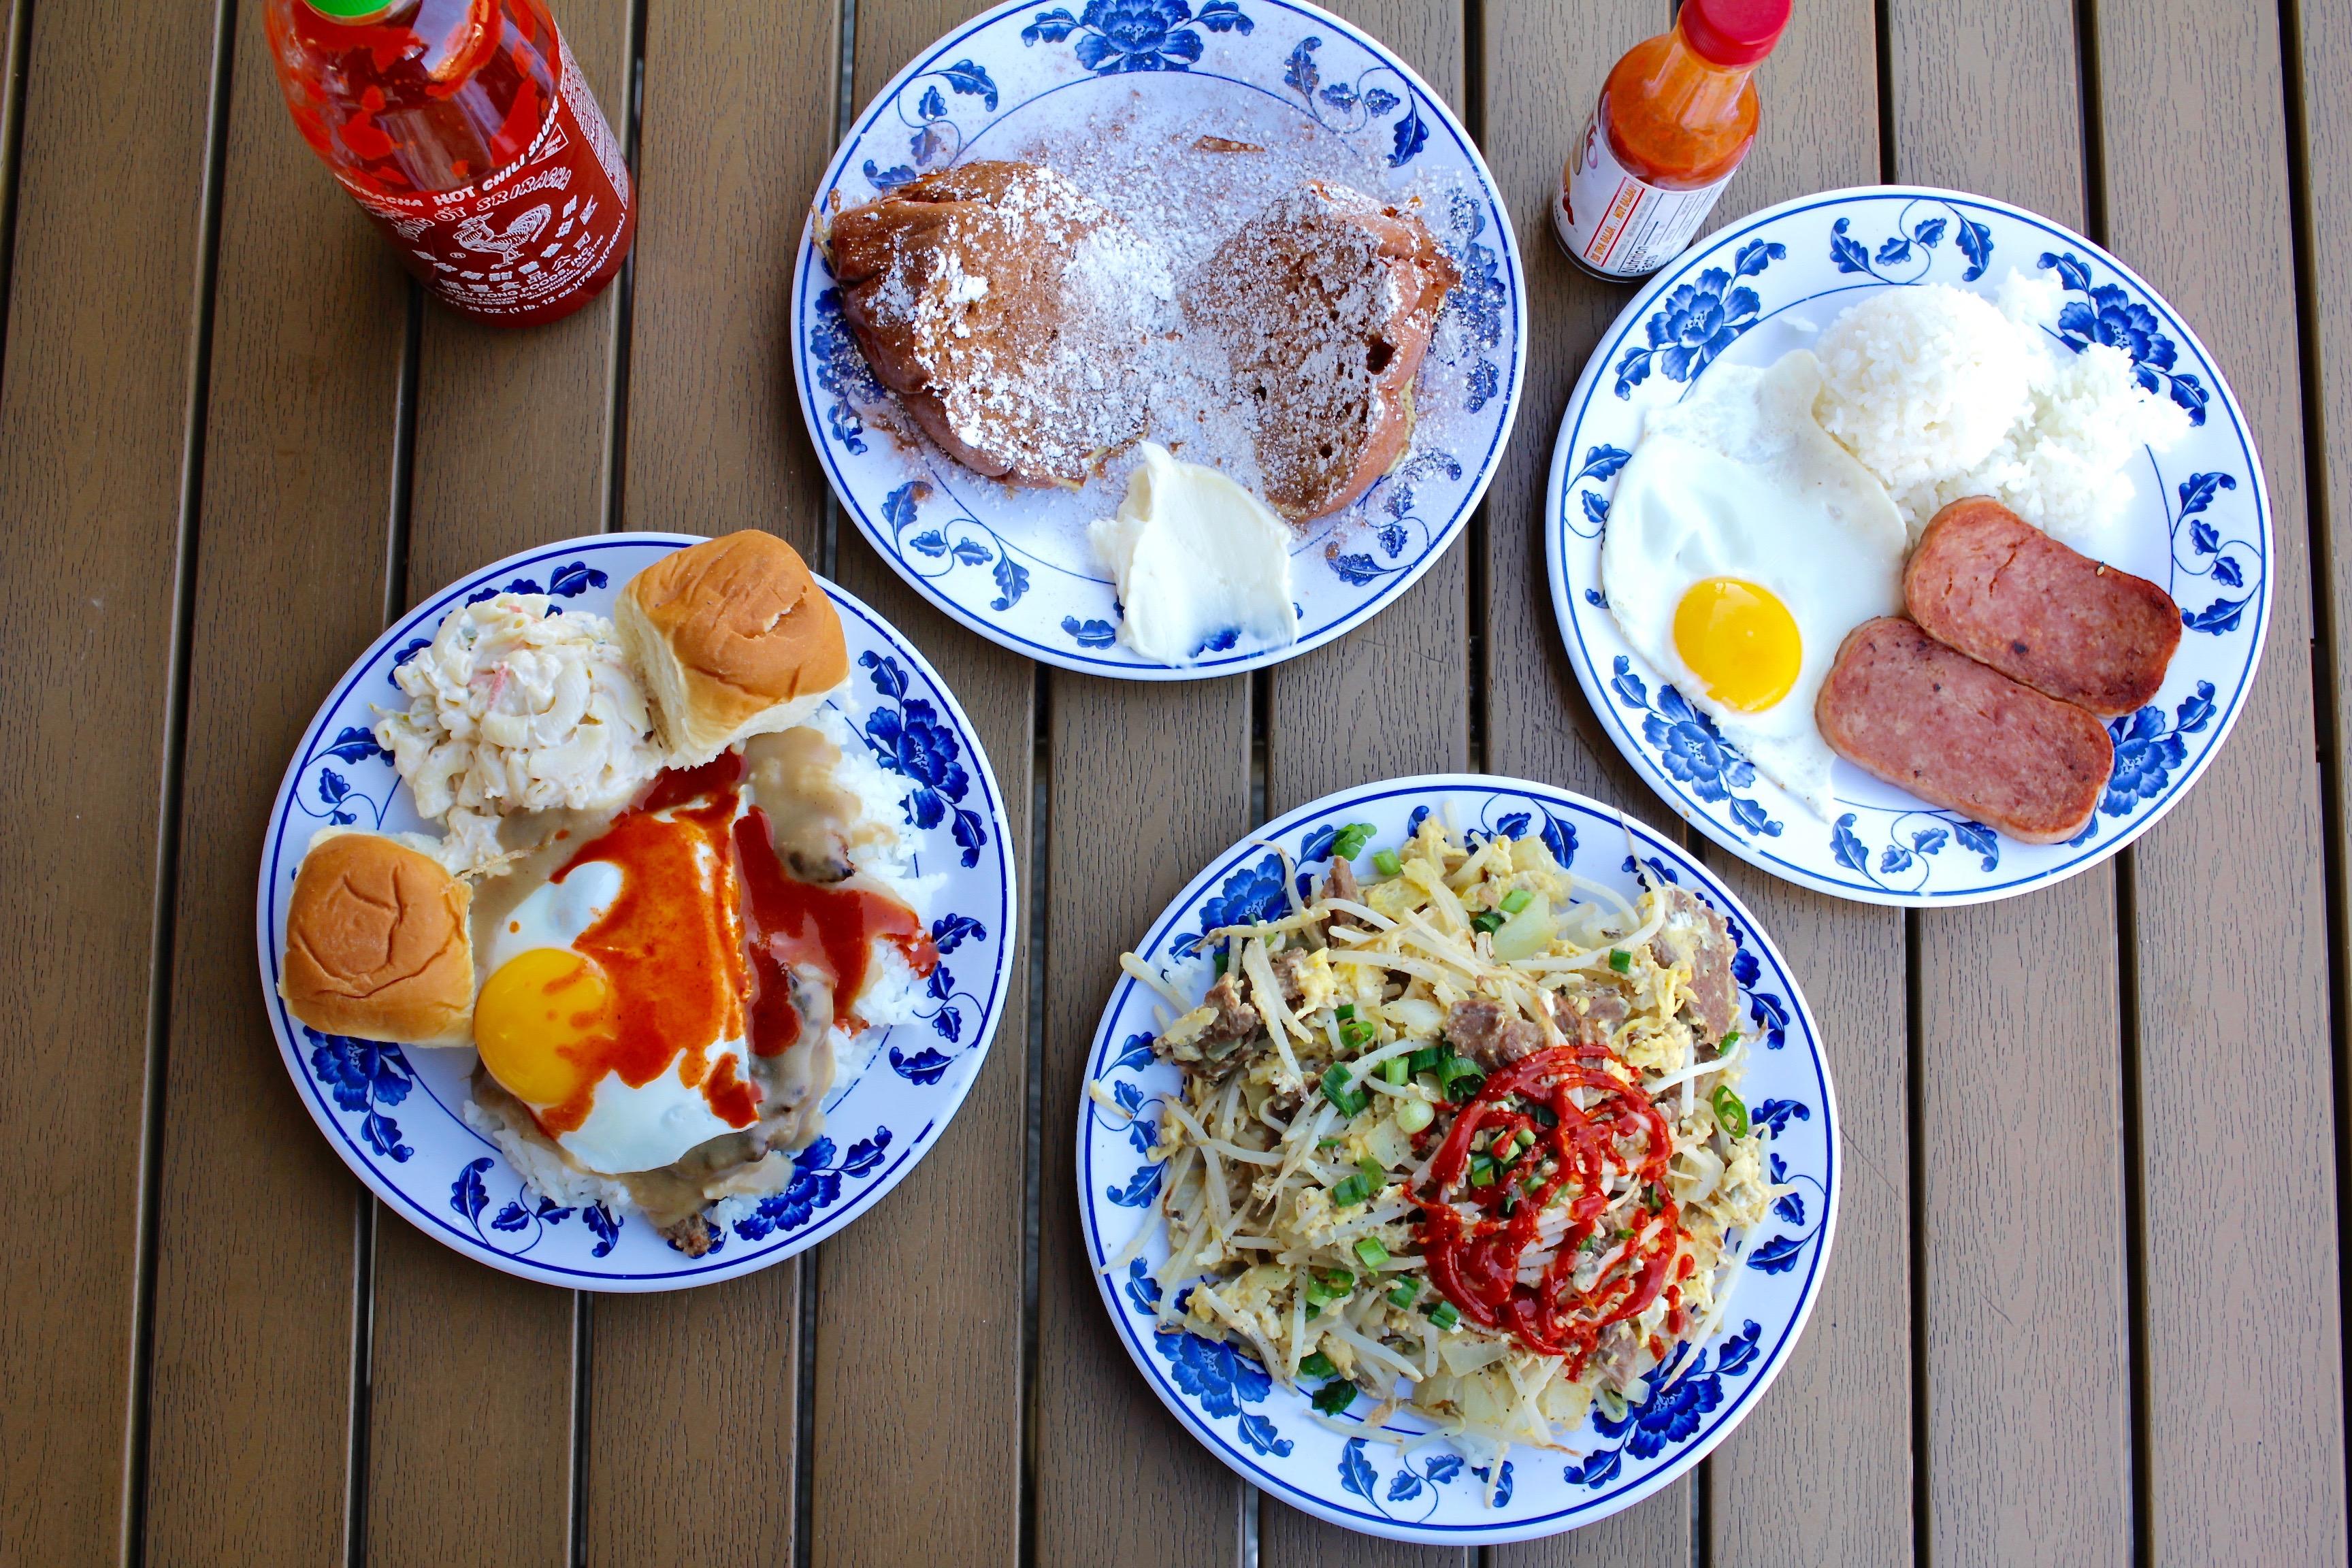 Breakfast plates at Rutt's Hawaiian Cafe in Culver City